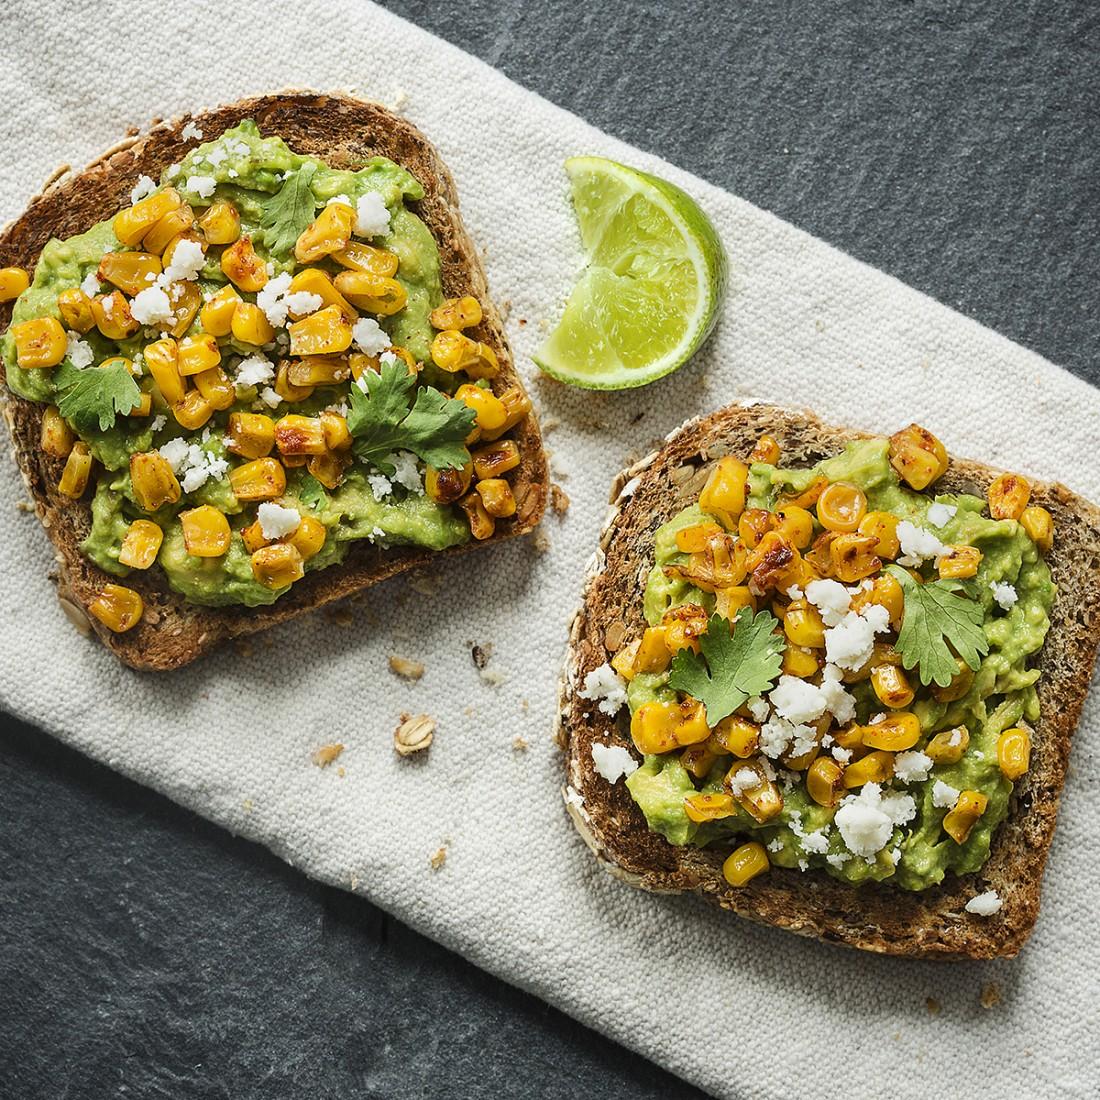 Avocado and Corn Toast